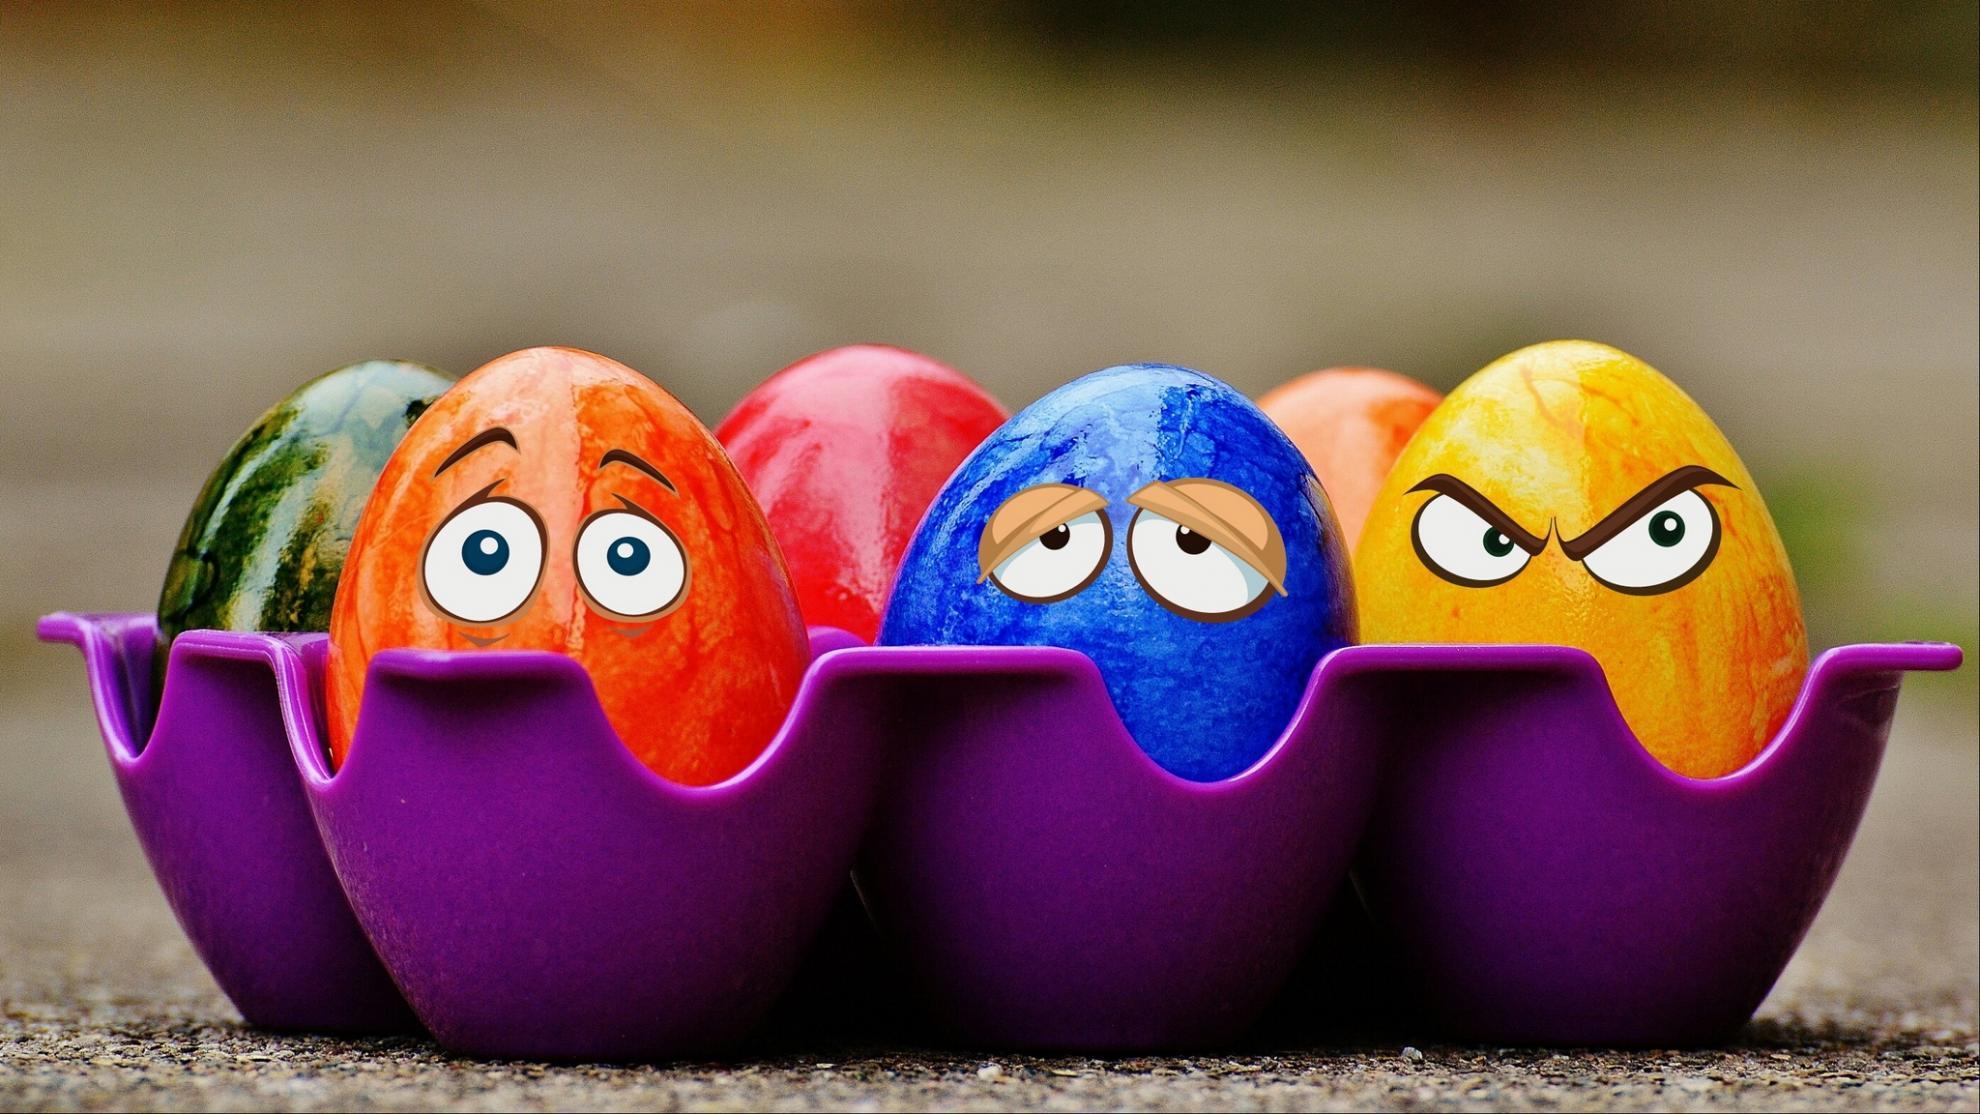 Яйца: холестерин, повышение риска рака, сальмонеллез… 13 фактов про вред и пользу